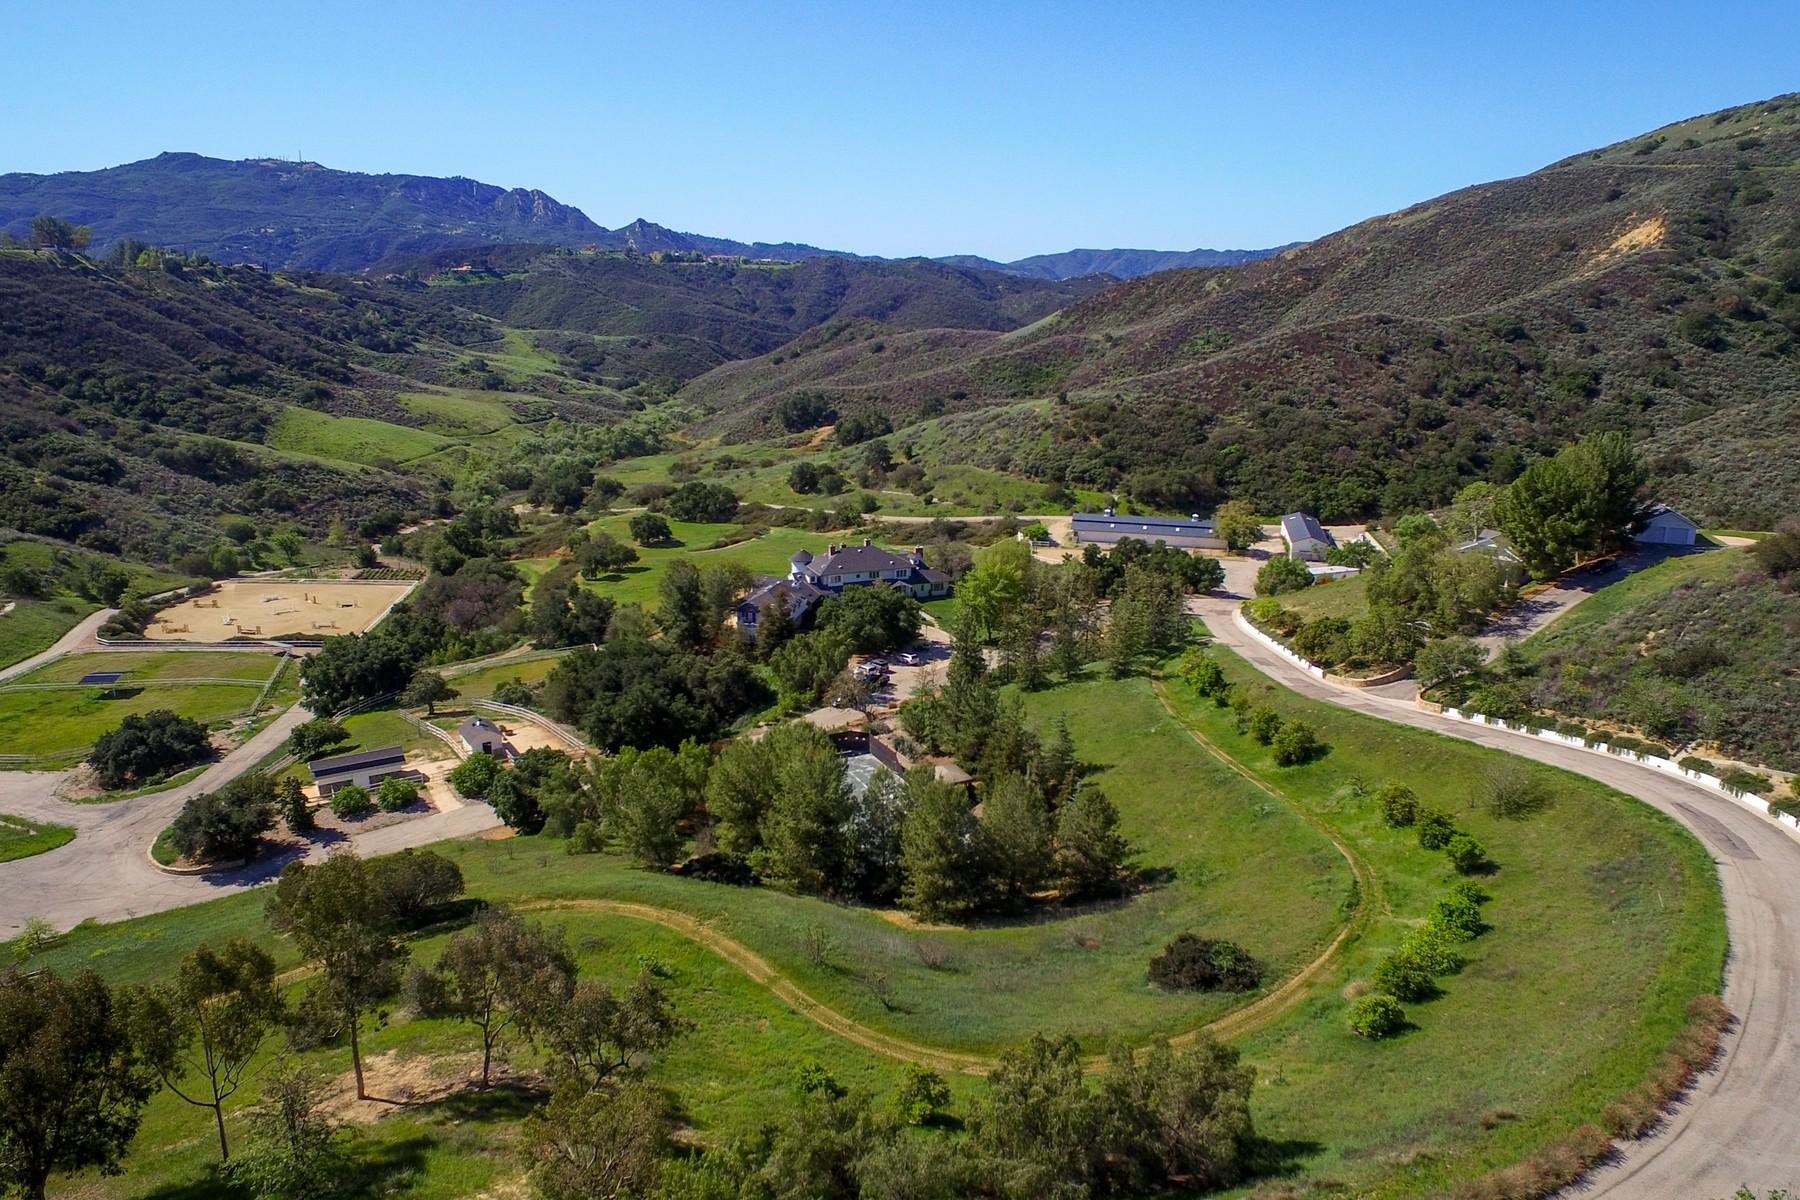 Single Family Home for Sale at Paseo Del Rancho 24900 Paseo Del Rancho Calabasas, California, 91302 United States